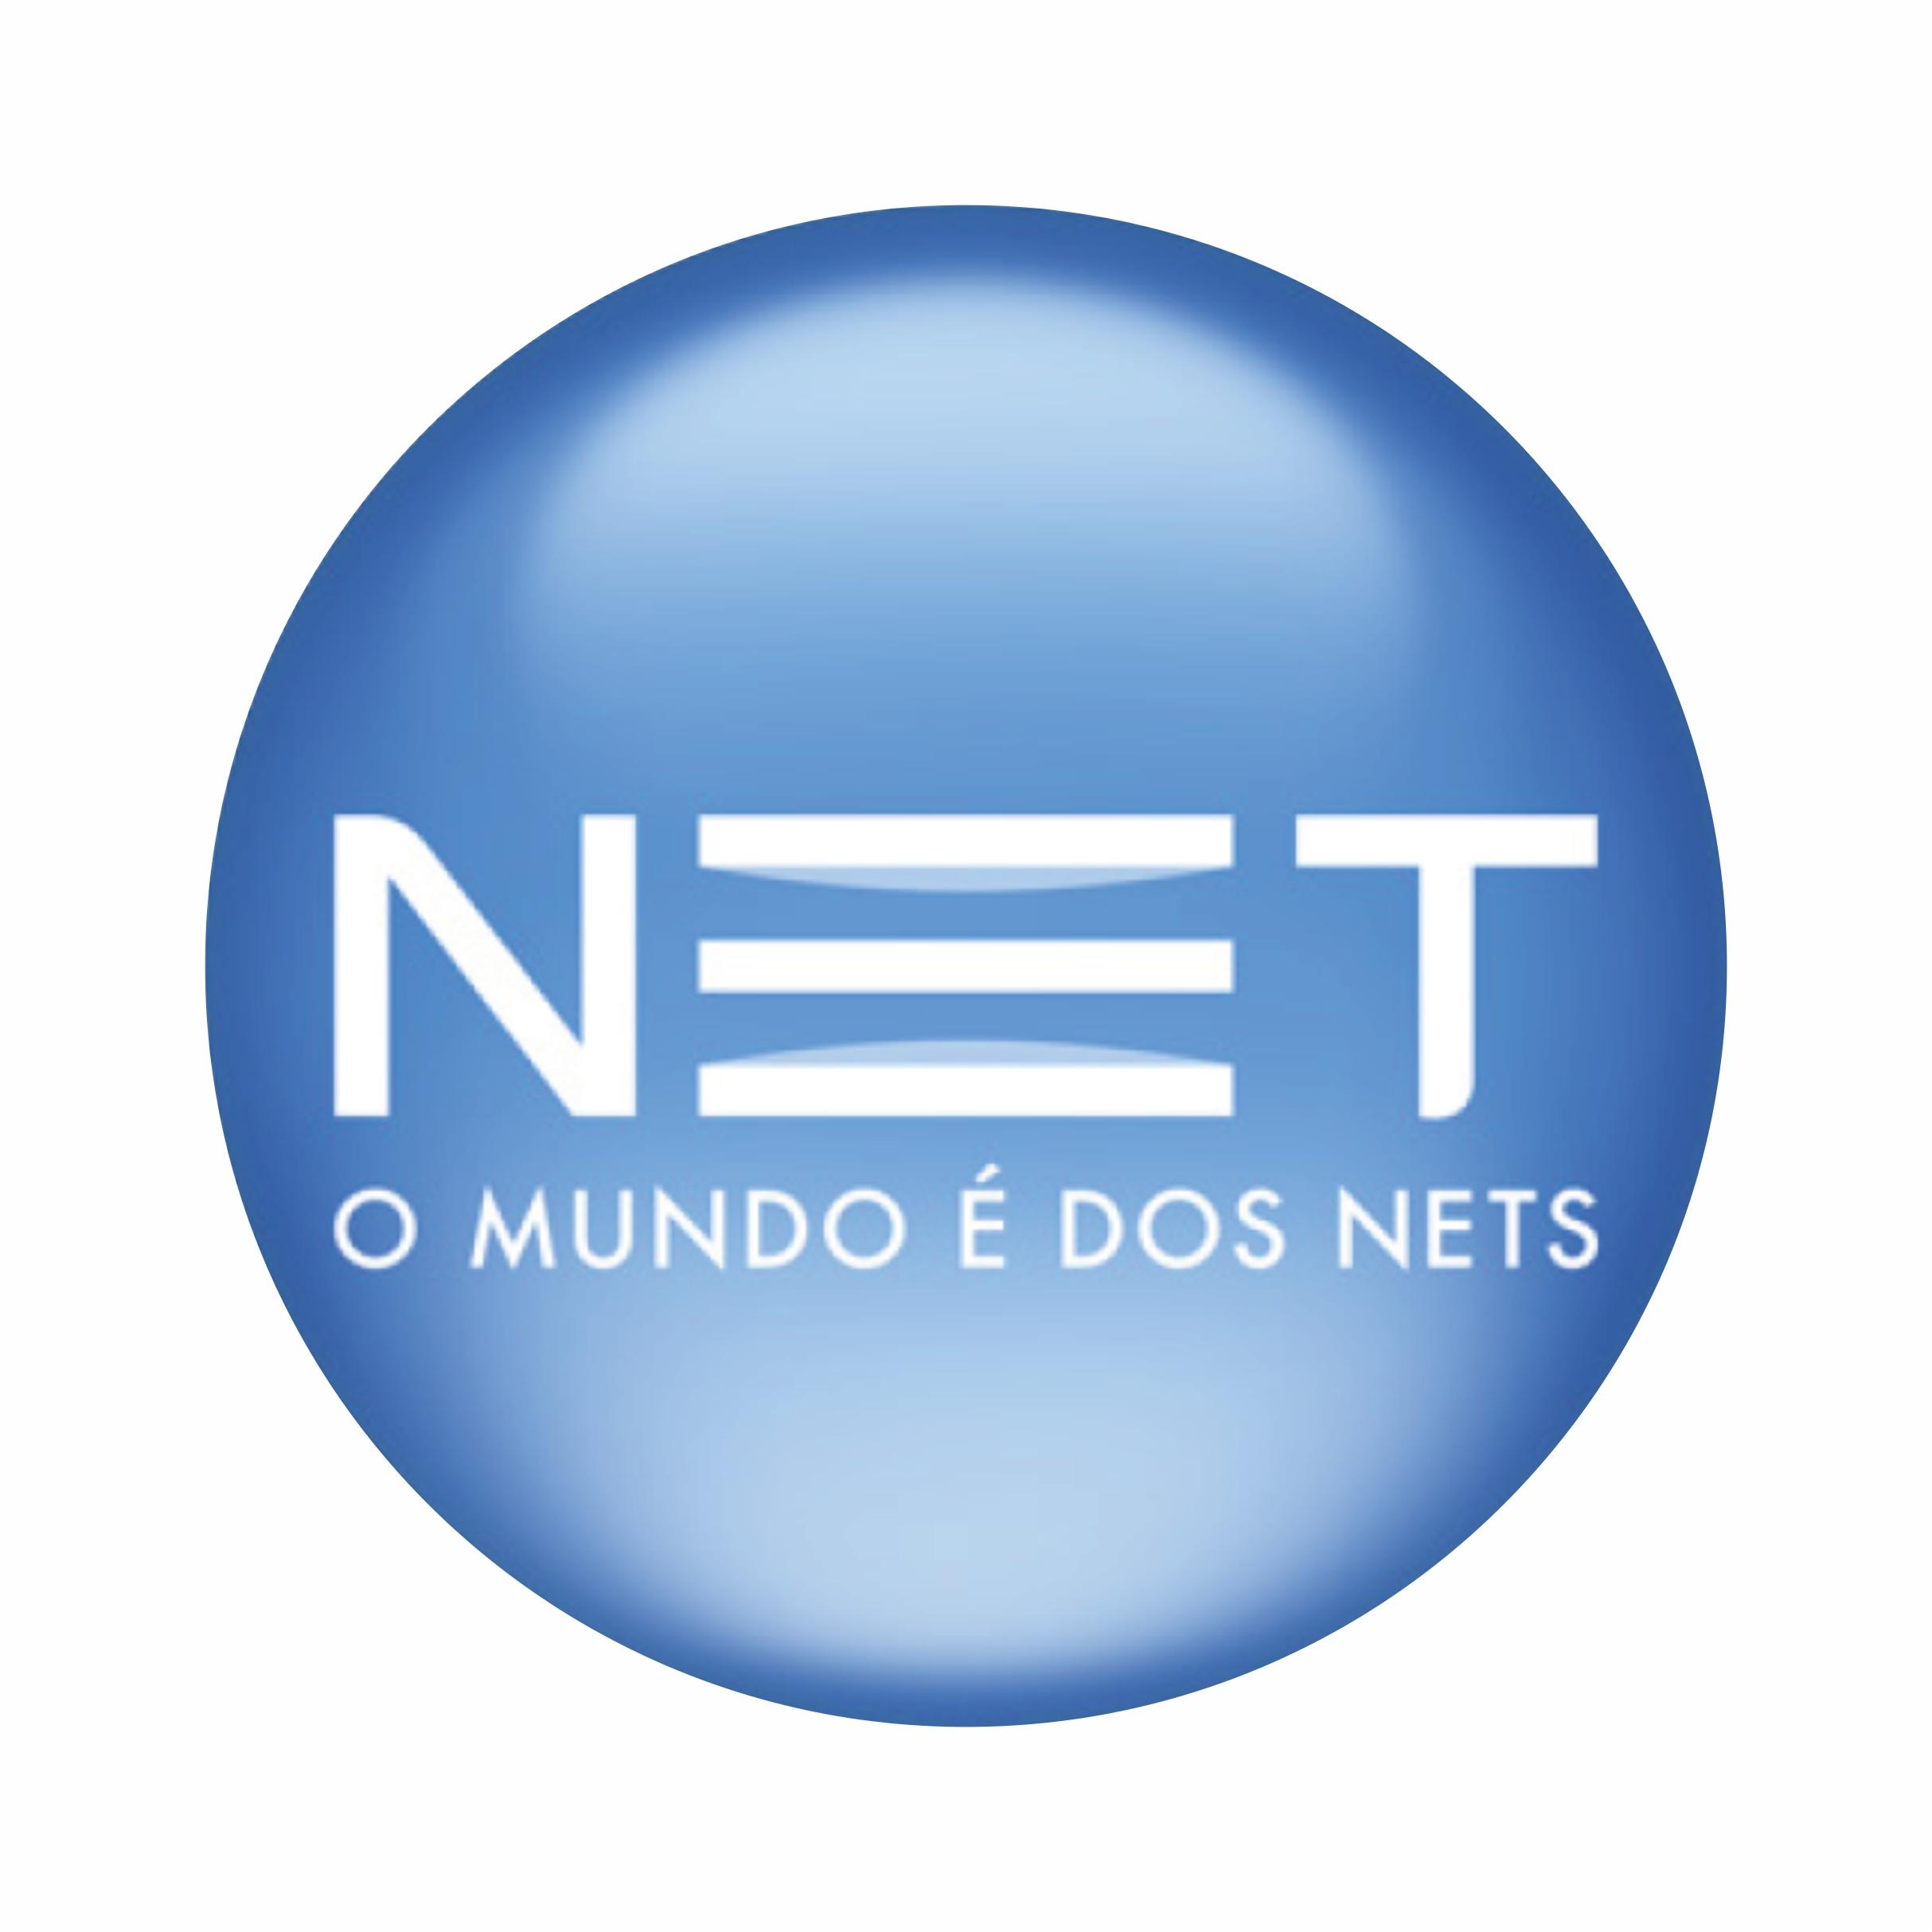 novos parceiros net oferece oportunidade de negócios em fortaleza